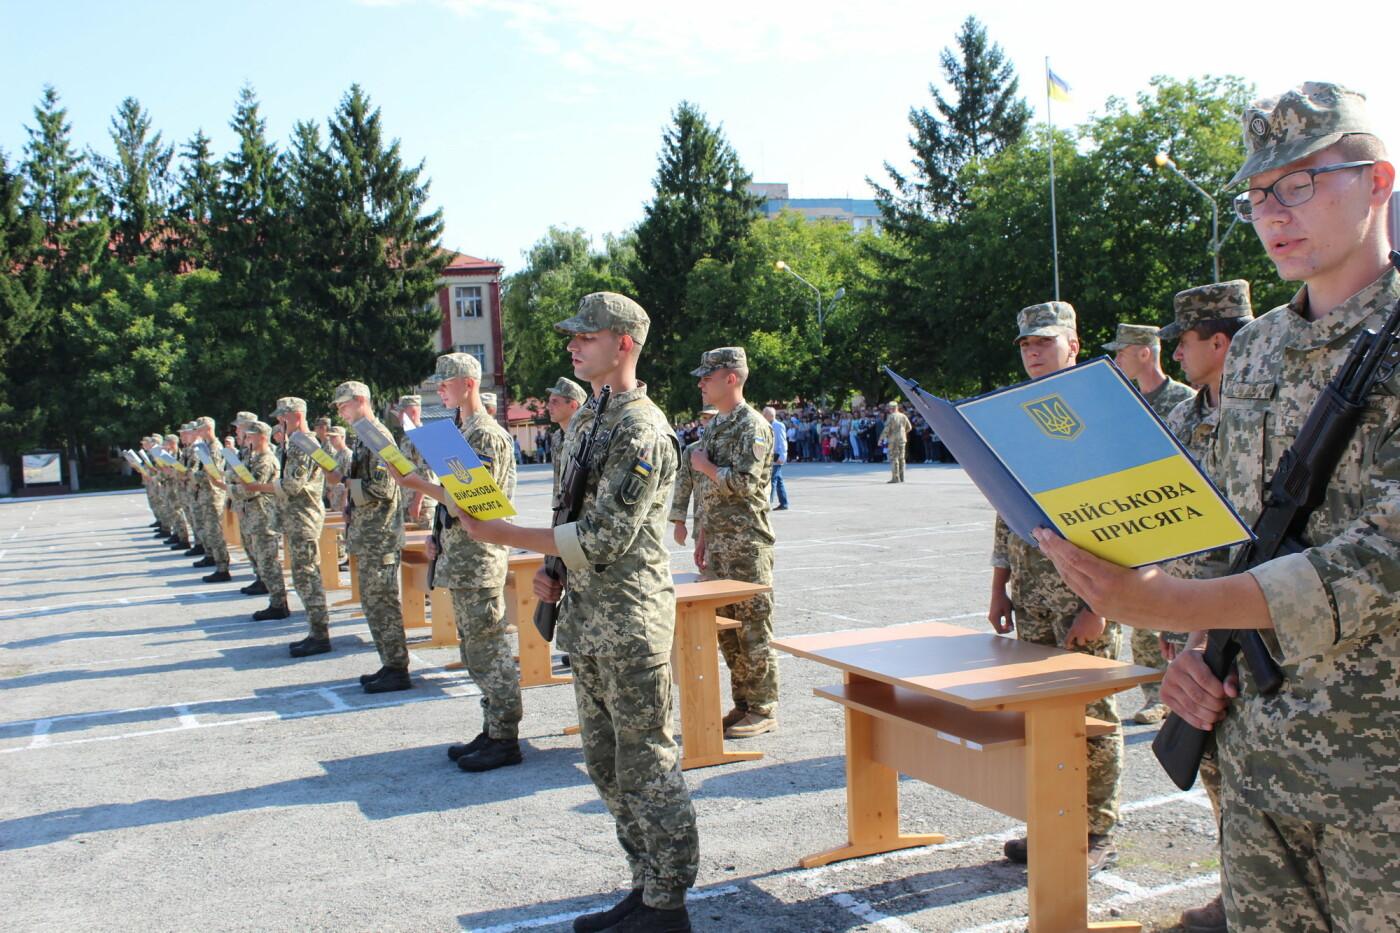 У Кам'янці 240 військовослужбовців склали присягу, фото-1, Фото: Olha Povorozniuk